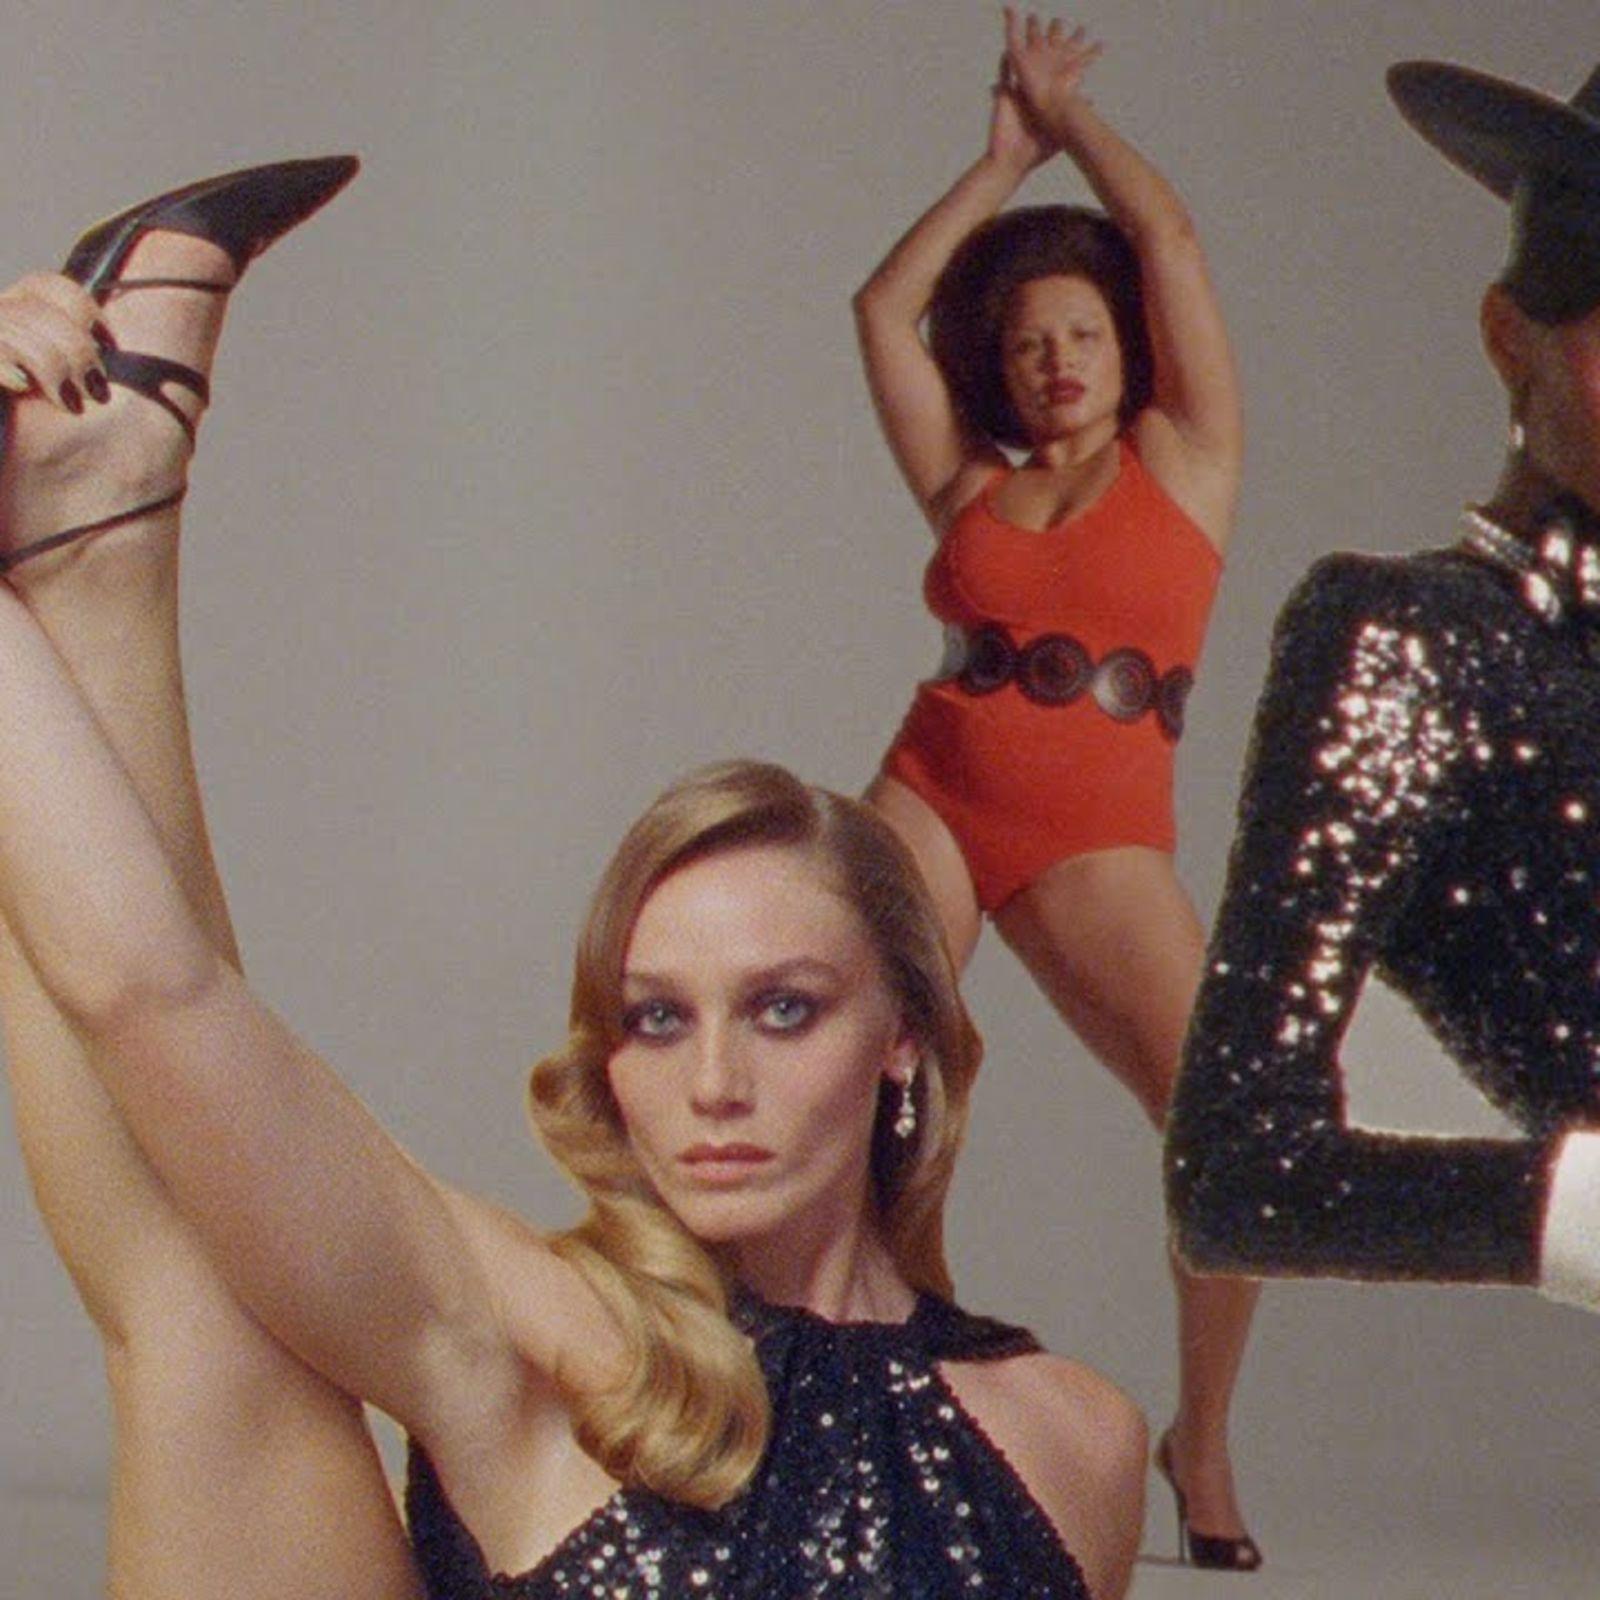 Lara Stone & Yasmin Le Bon on Celebrating the Female Form